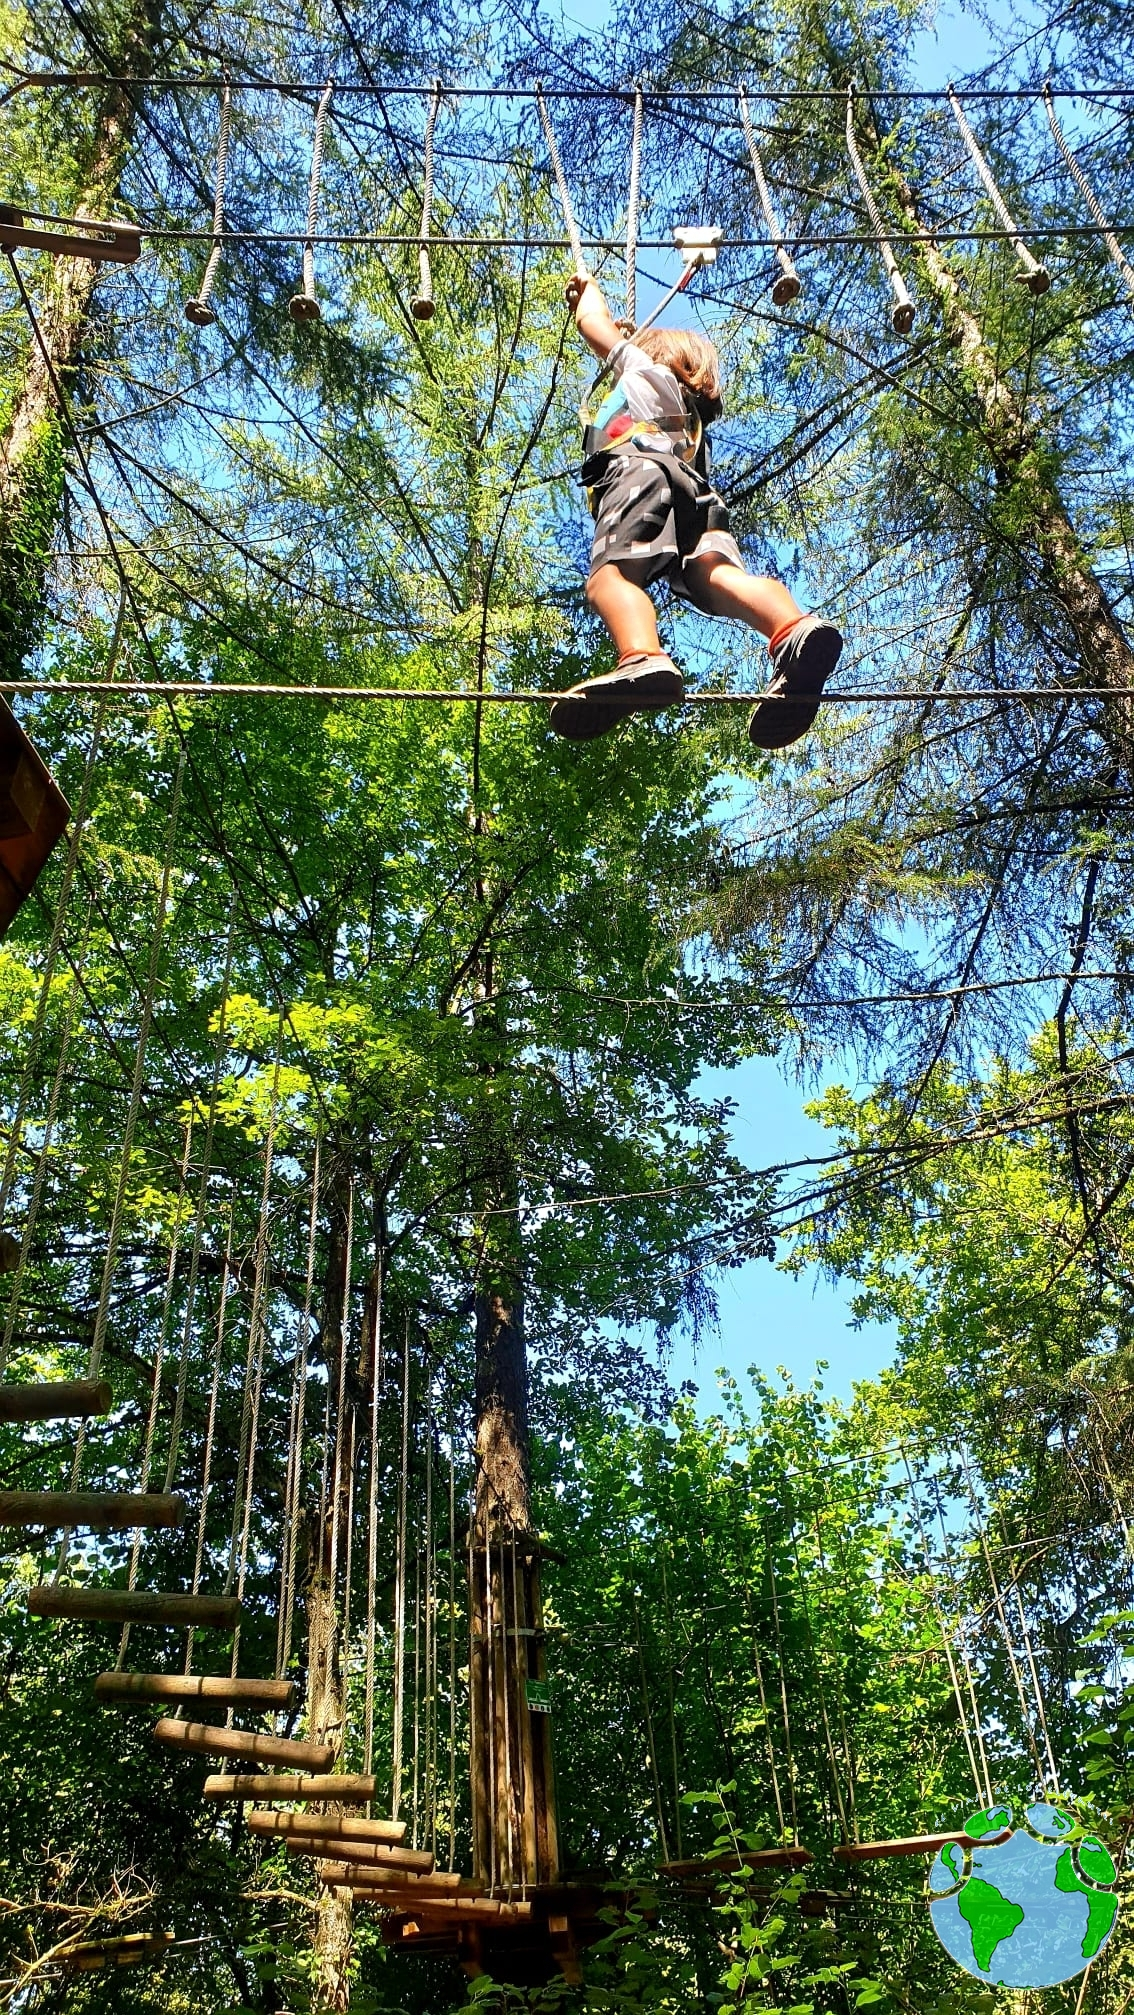 Parque aventura en Gorbeia